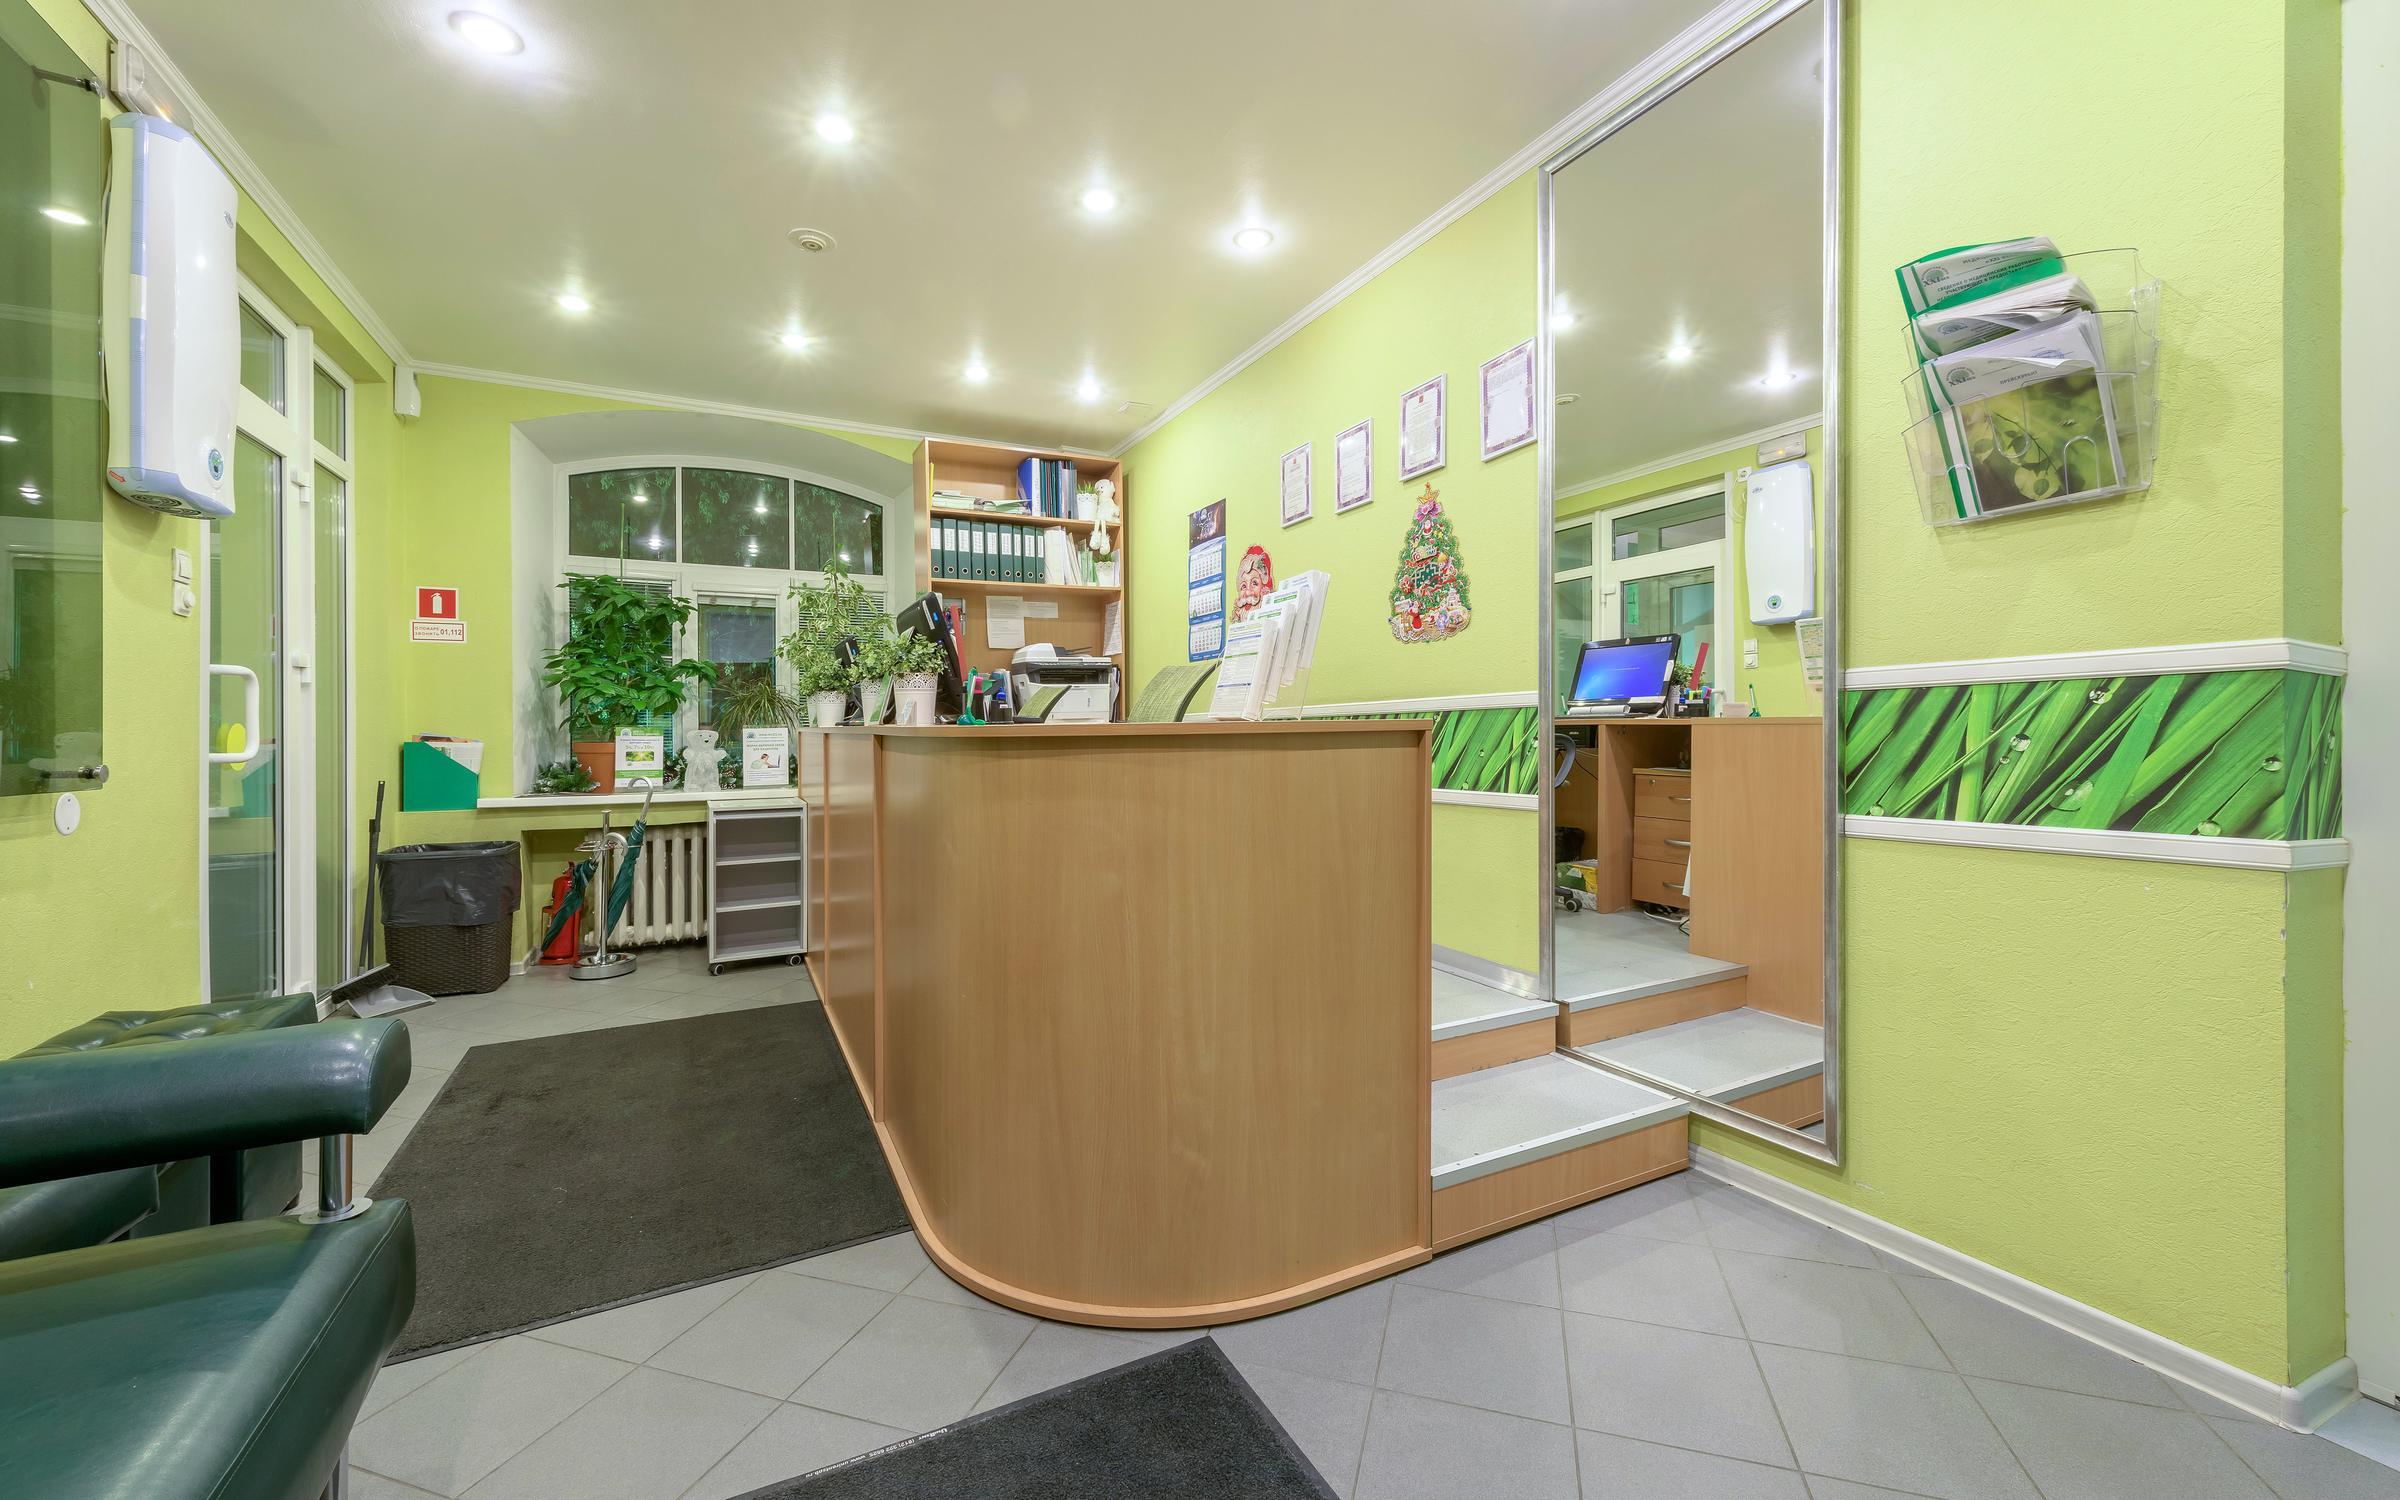 фотография Медицинского центра XXI век на Большой Пушкарской улице